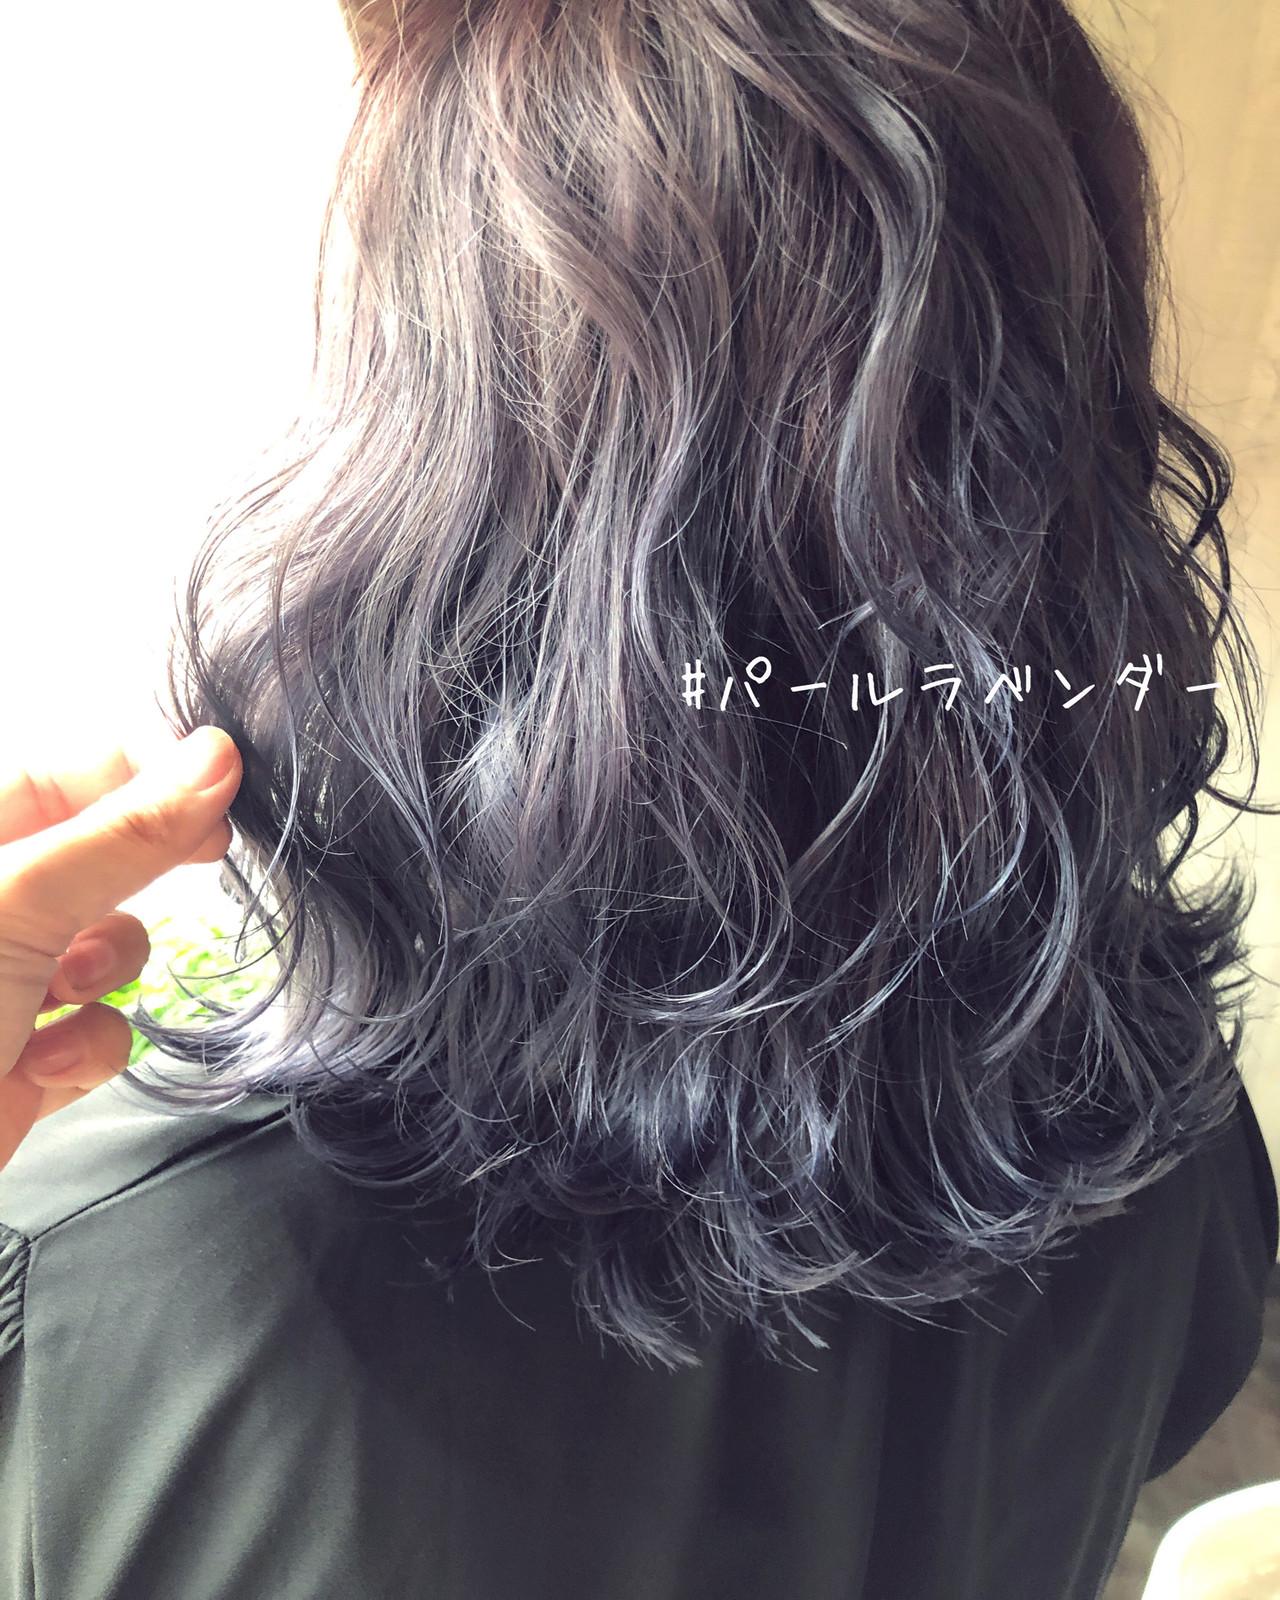 バレイヤージュ ナチュラル ミディアム 秋冬スタイル ヘアスタイルや髪型の写真・画像